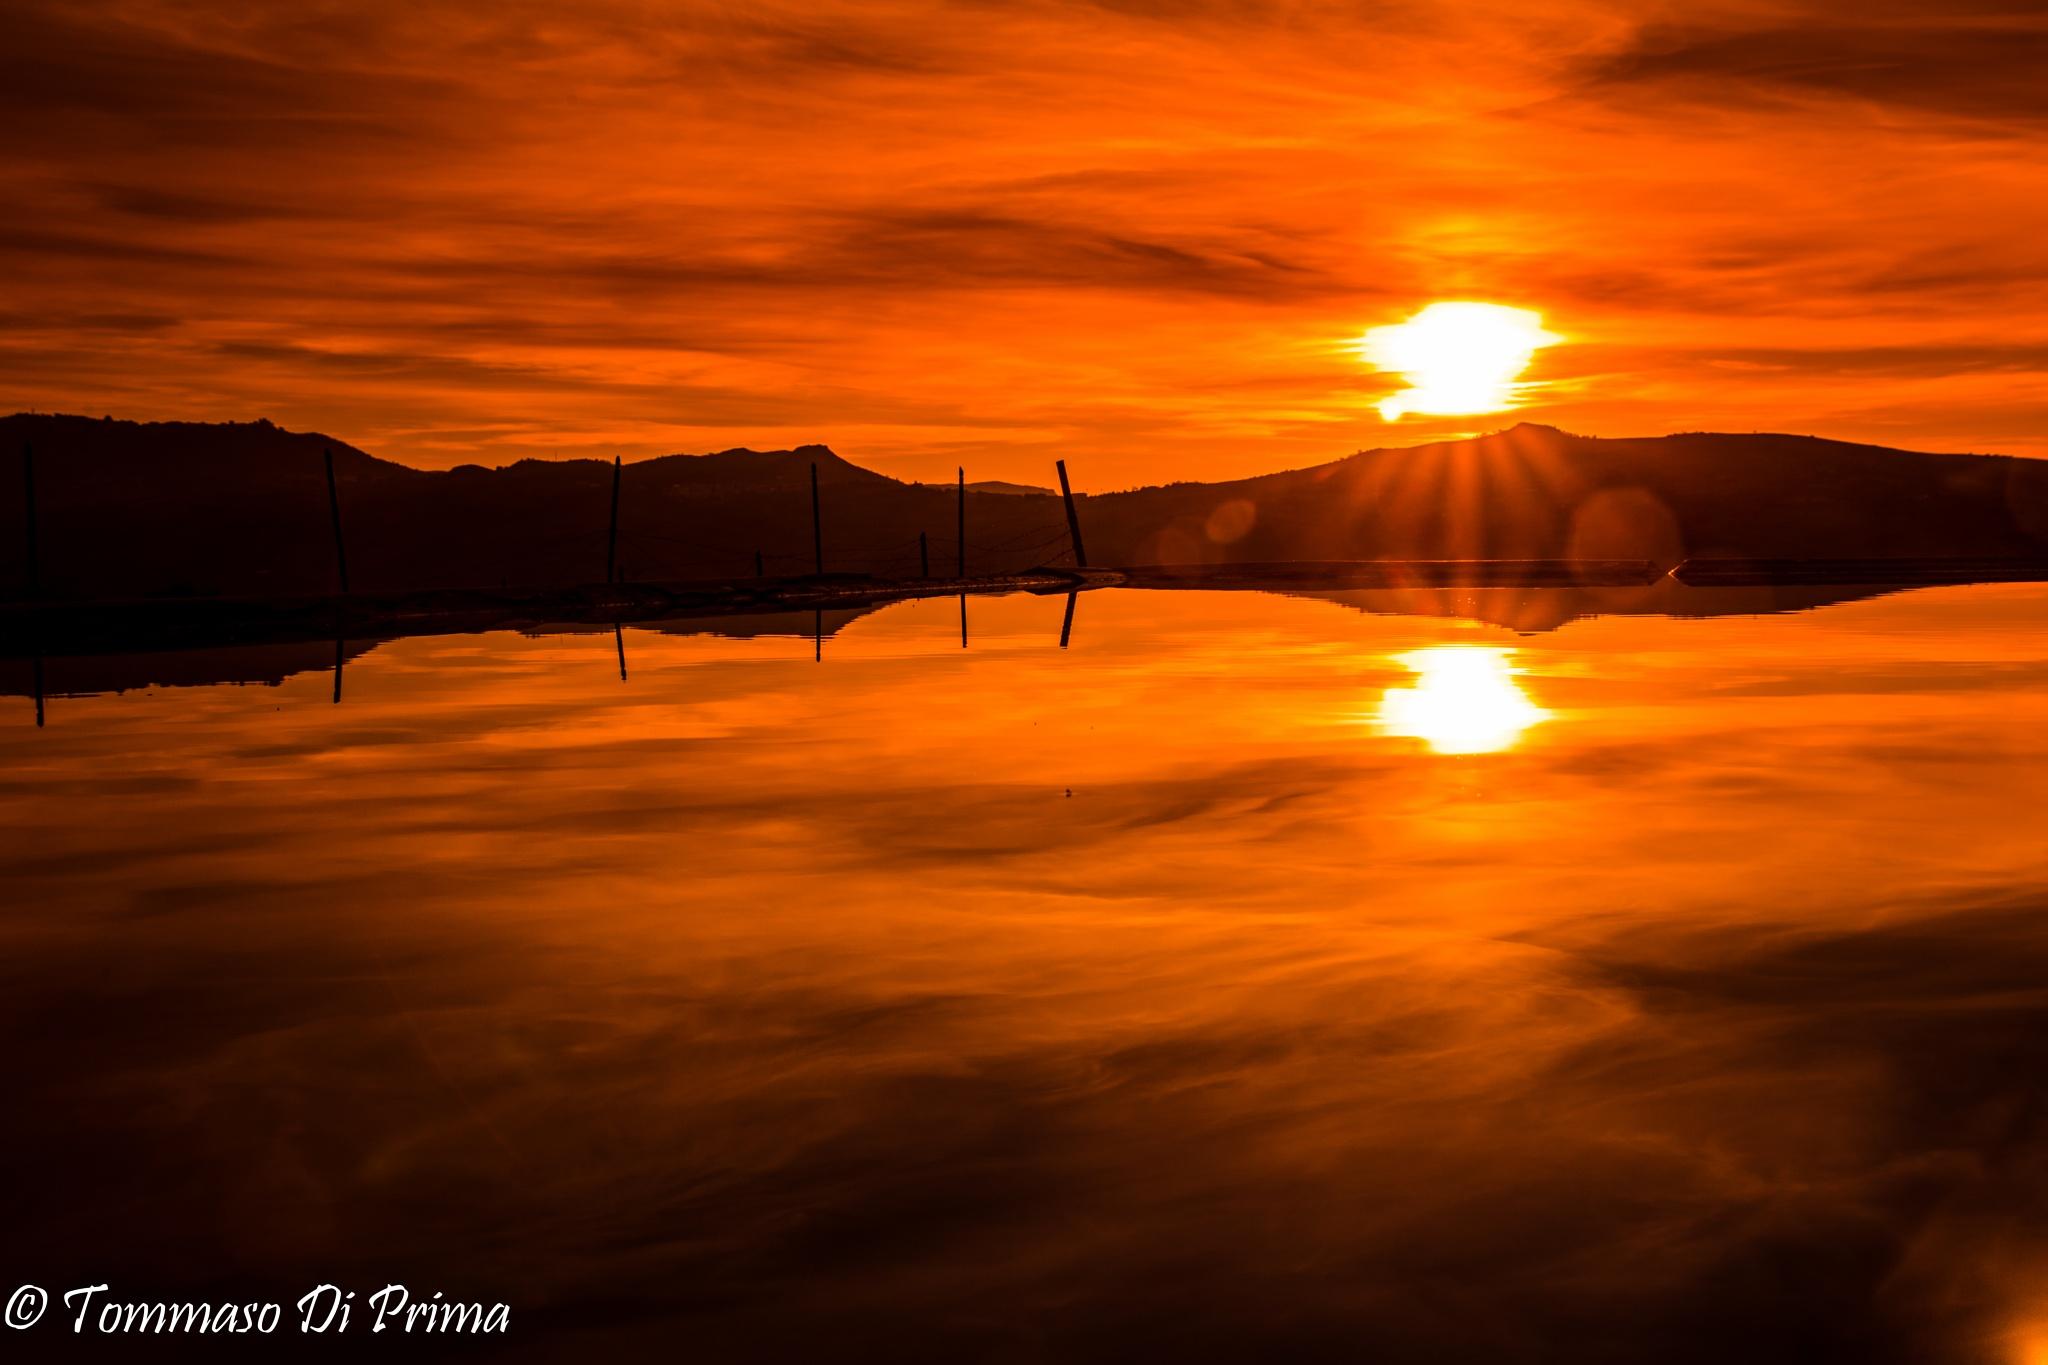 l'alba delle palme by Tommaso